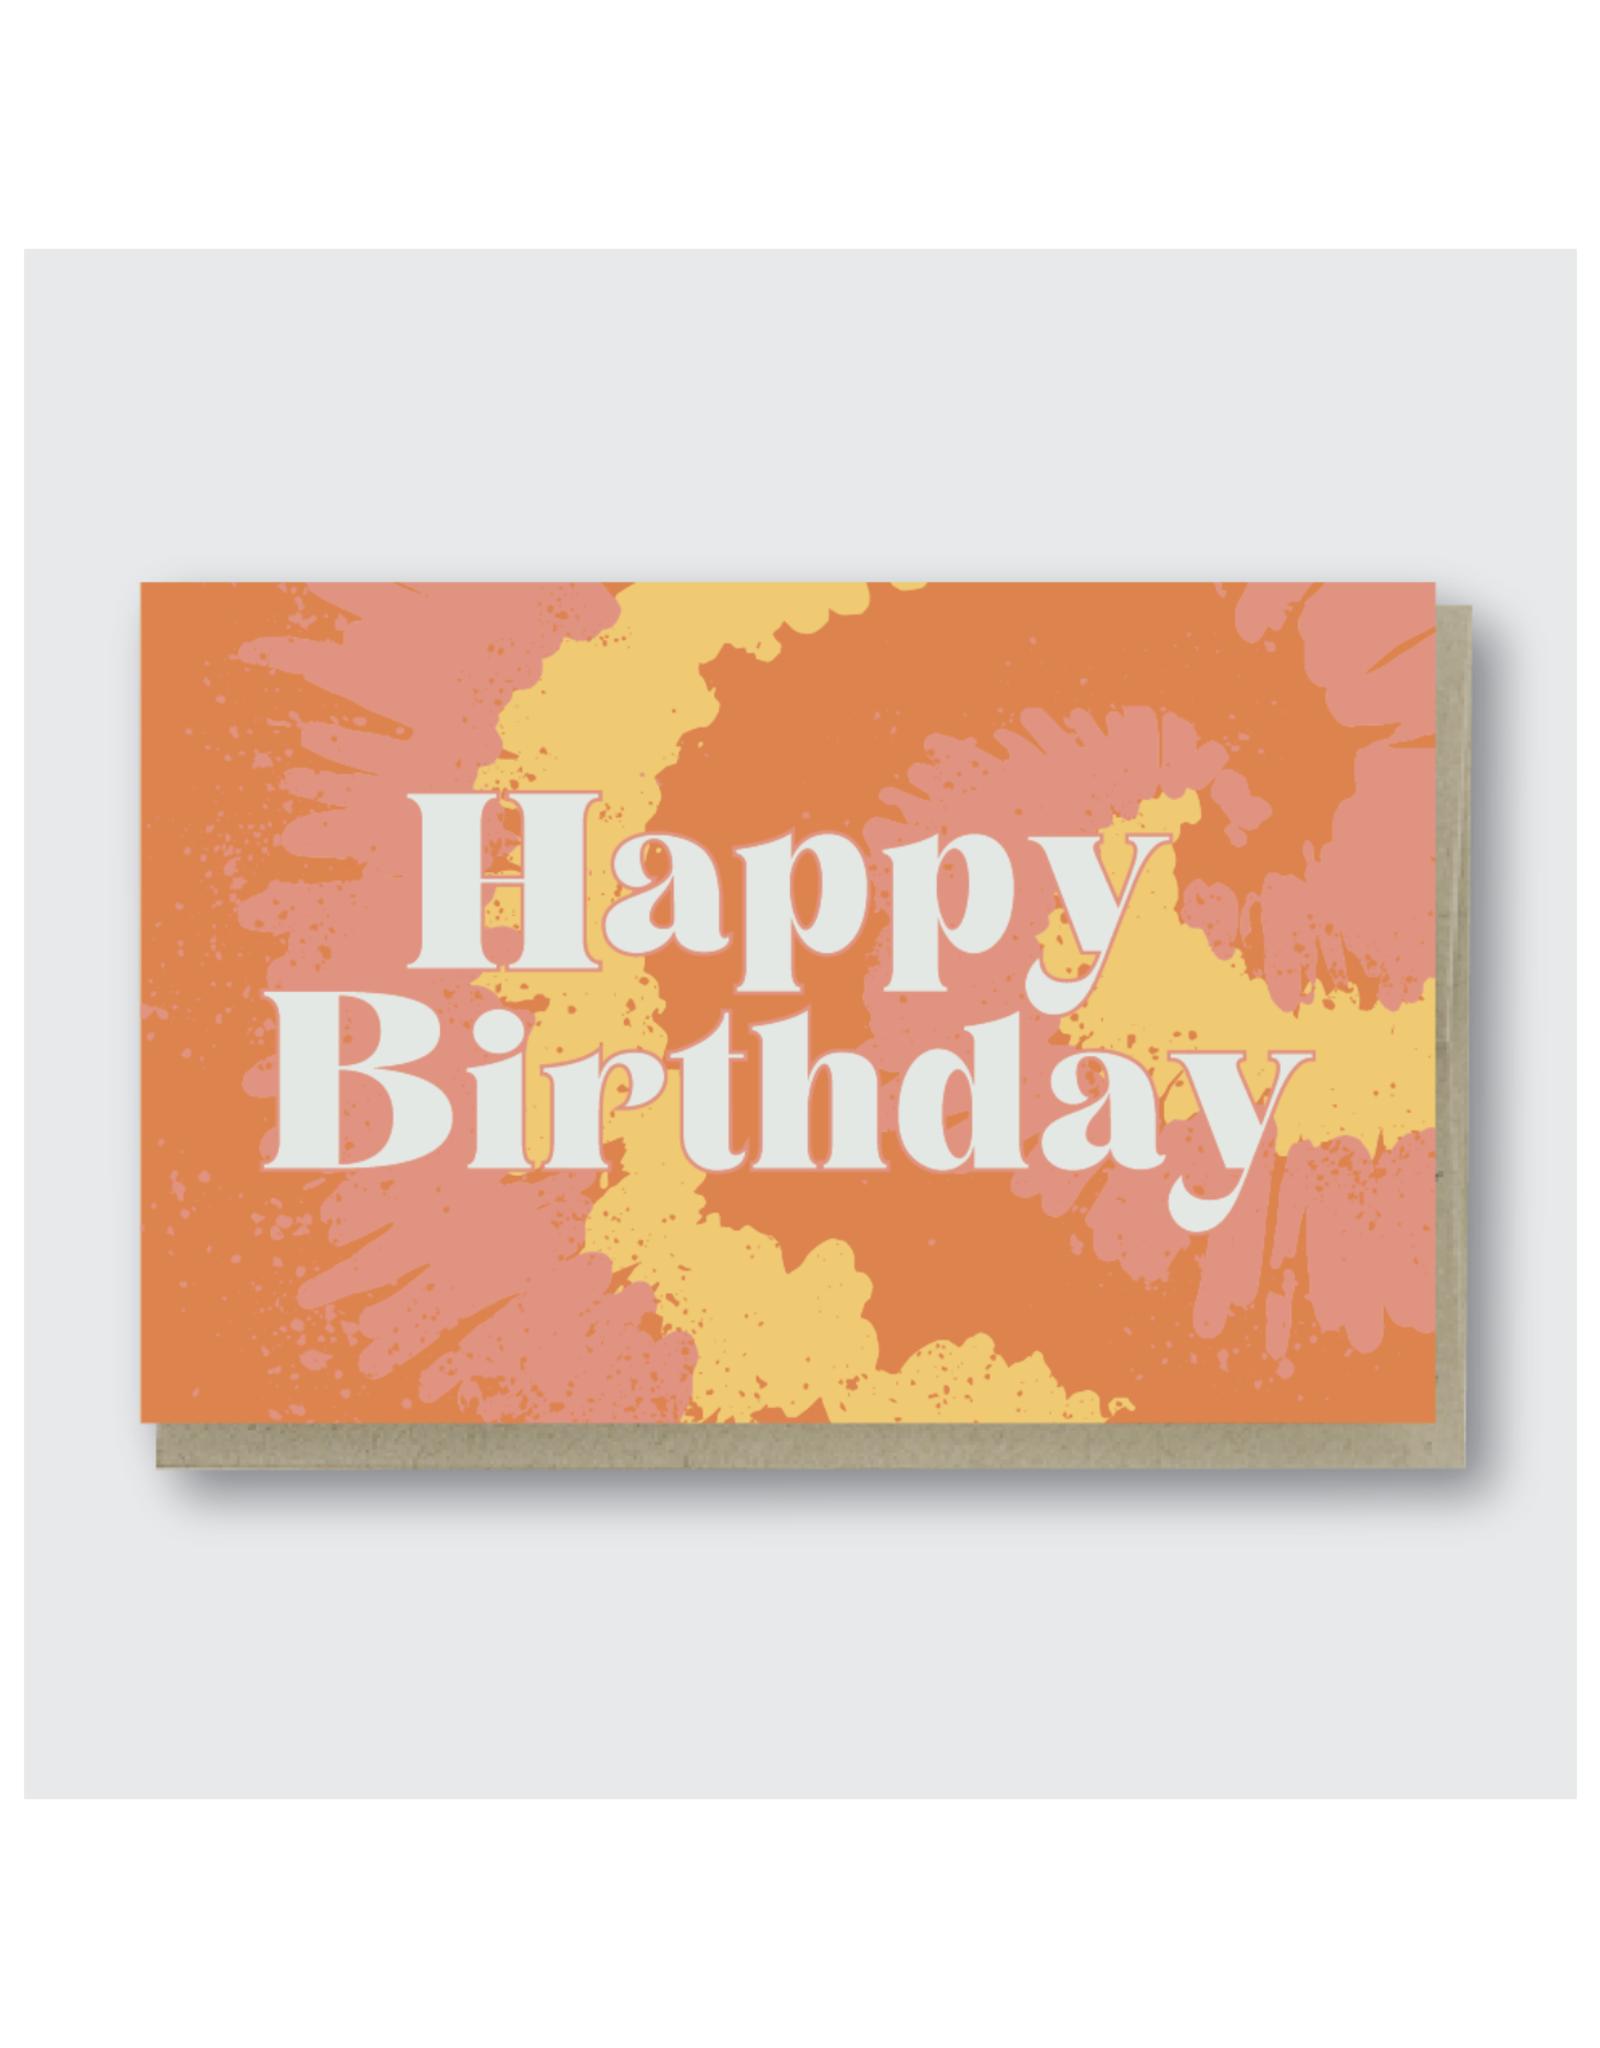 Happy Birthday Tie Die Greeting Card